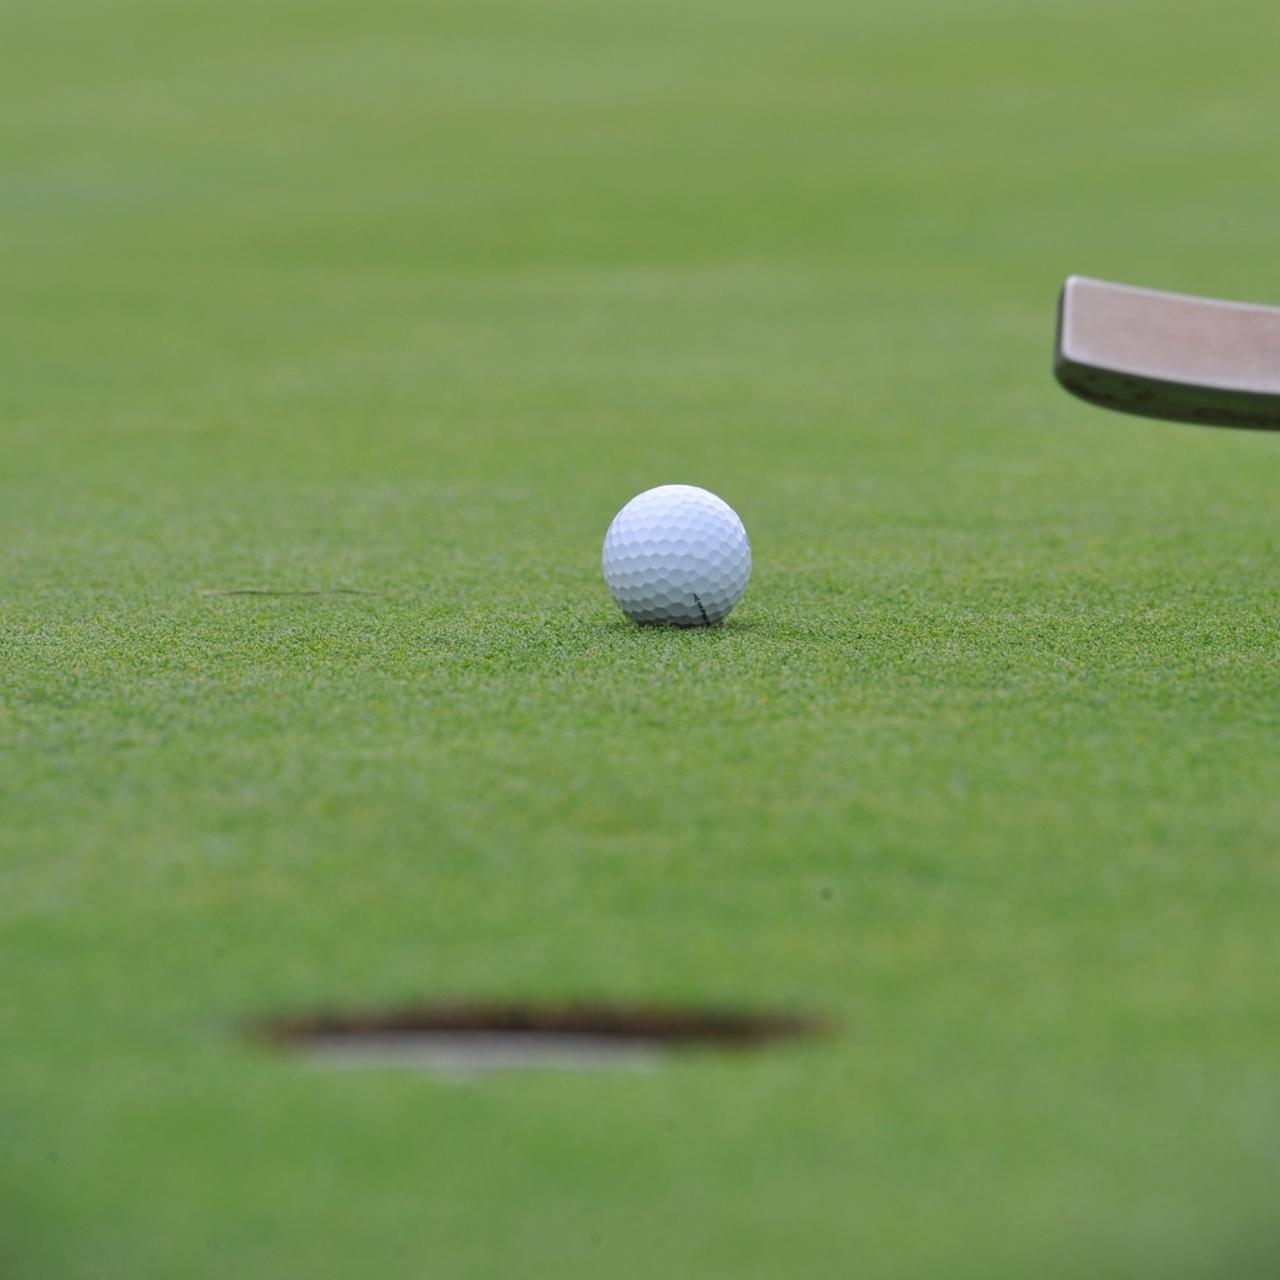 """画像: 「一流選手は絶対寄りません」グリーン上の""""靴ひとつ""""マナーを知ろう【脱俗のゴルフ】 - みんなのゴルフダイジェスト"""